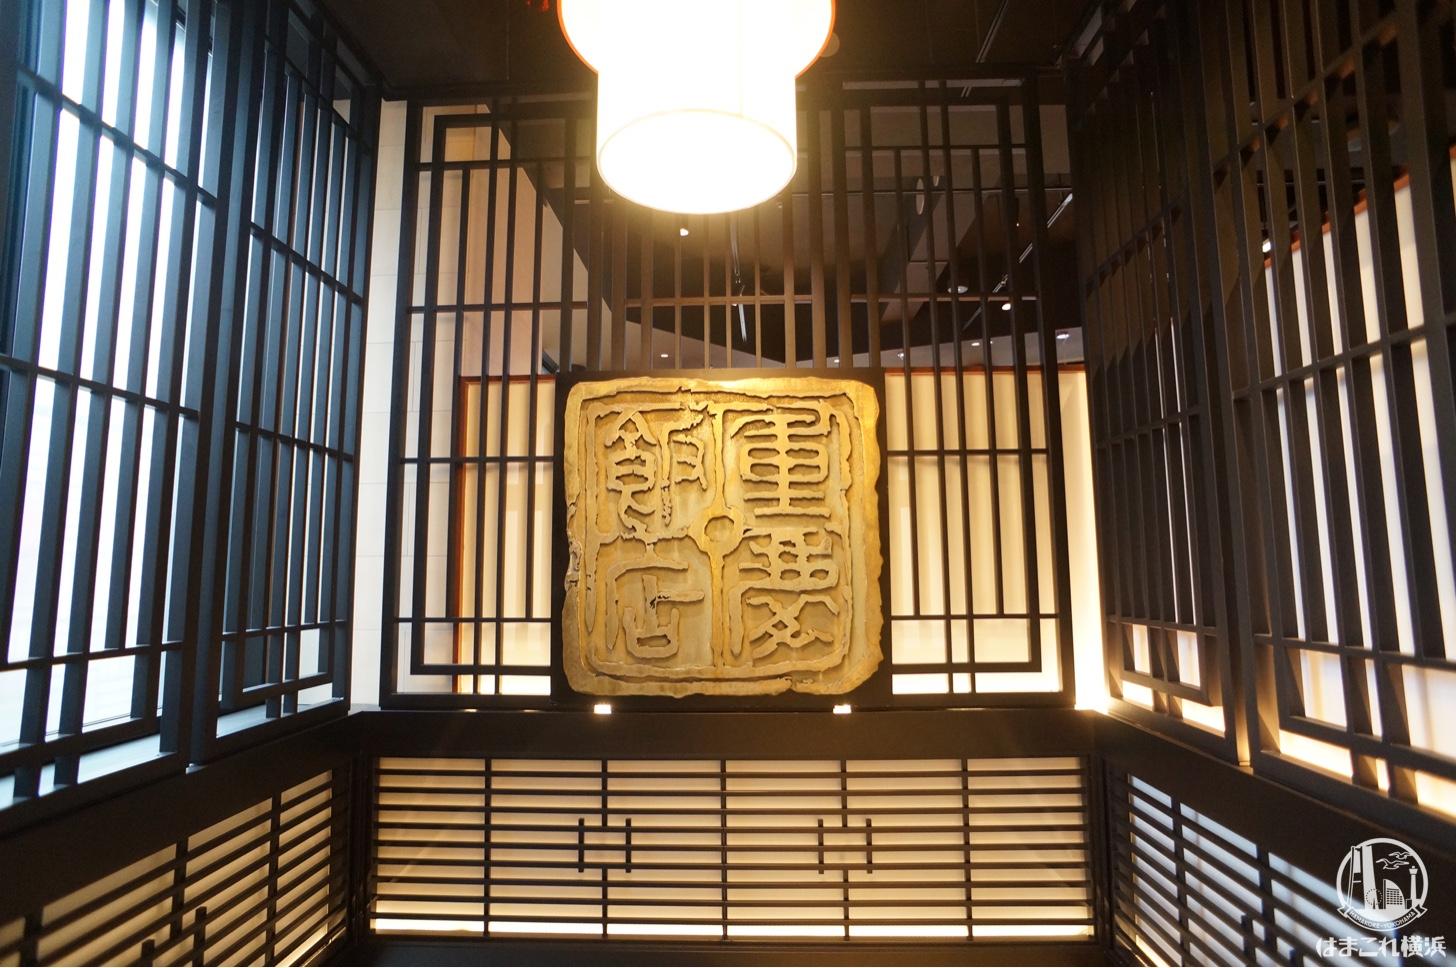 重慶飯店 別館から移動した看板